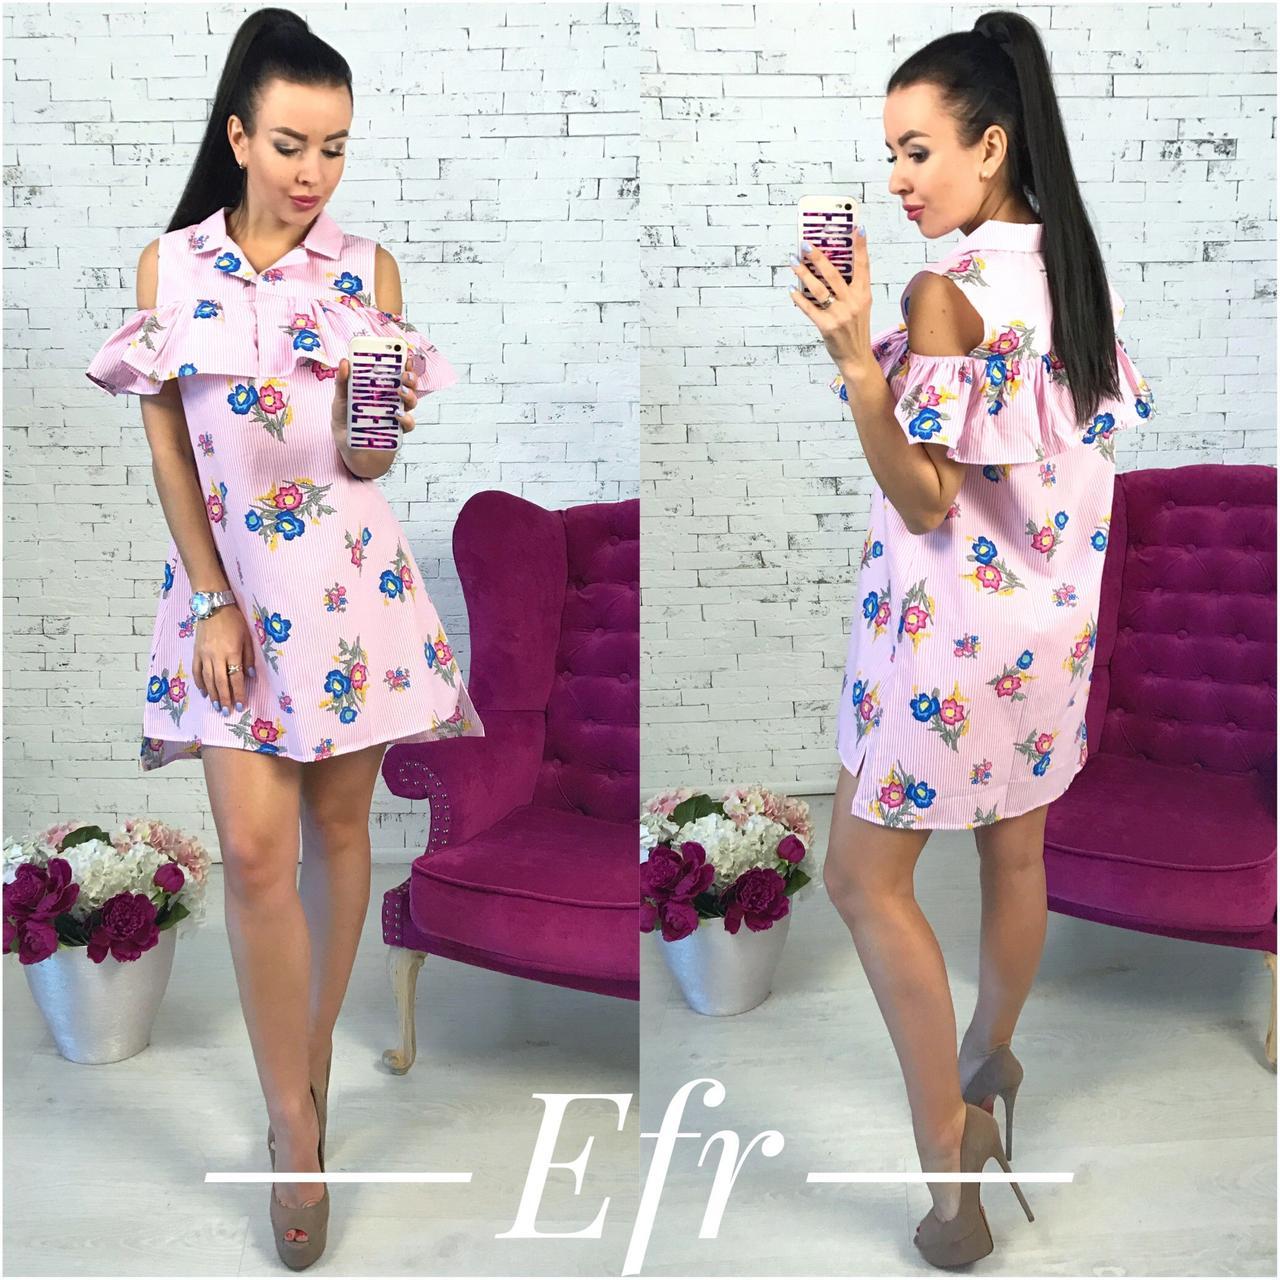 49563143d0c Платье с крыльями - ShopStyle магазин одежды от производителя. в Одессе